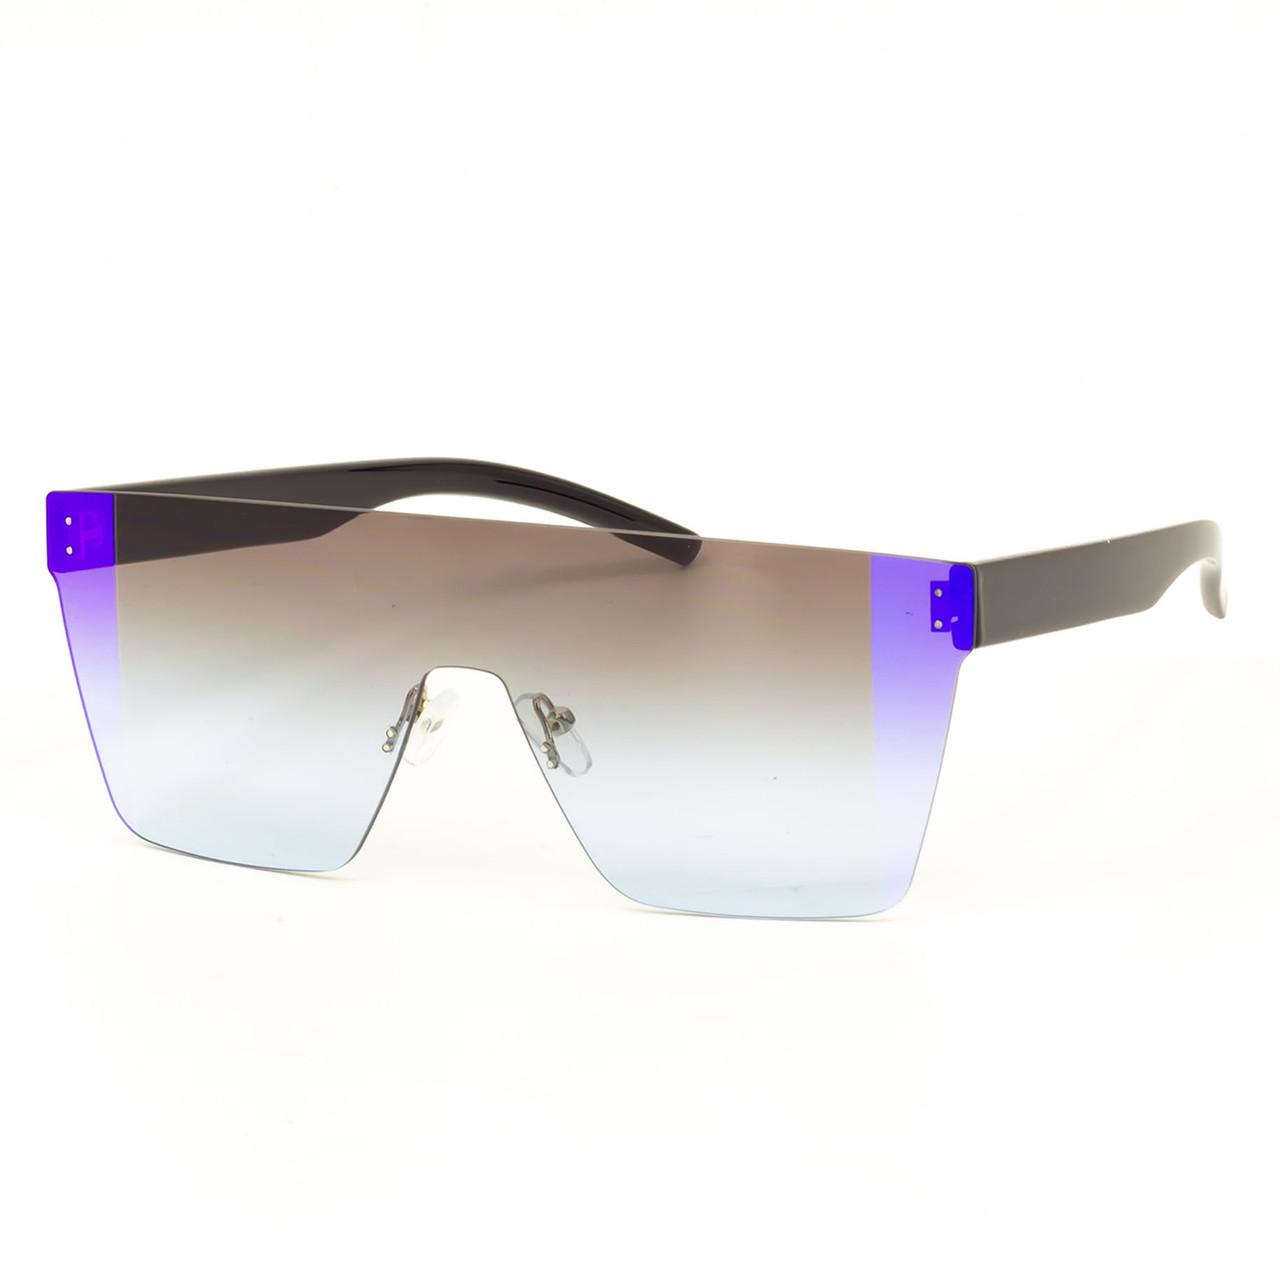 Сонцезахисні окуляри Marmilen 8080 C2 чорно блакитні з дзеркальним покриттям ( PL8080-02 )